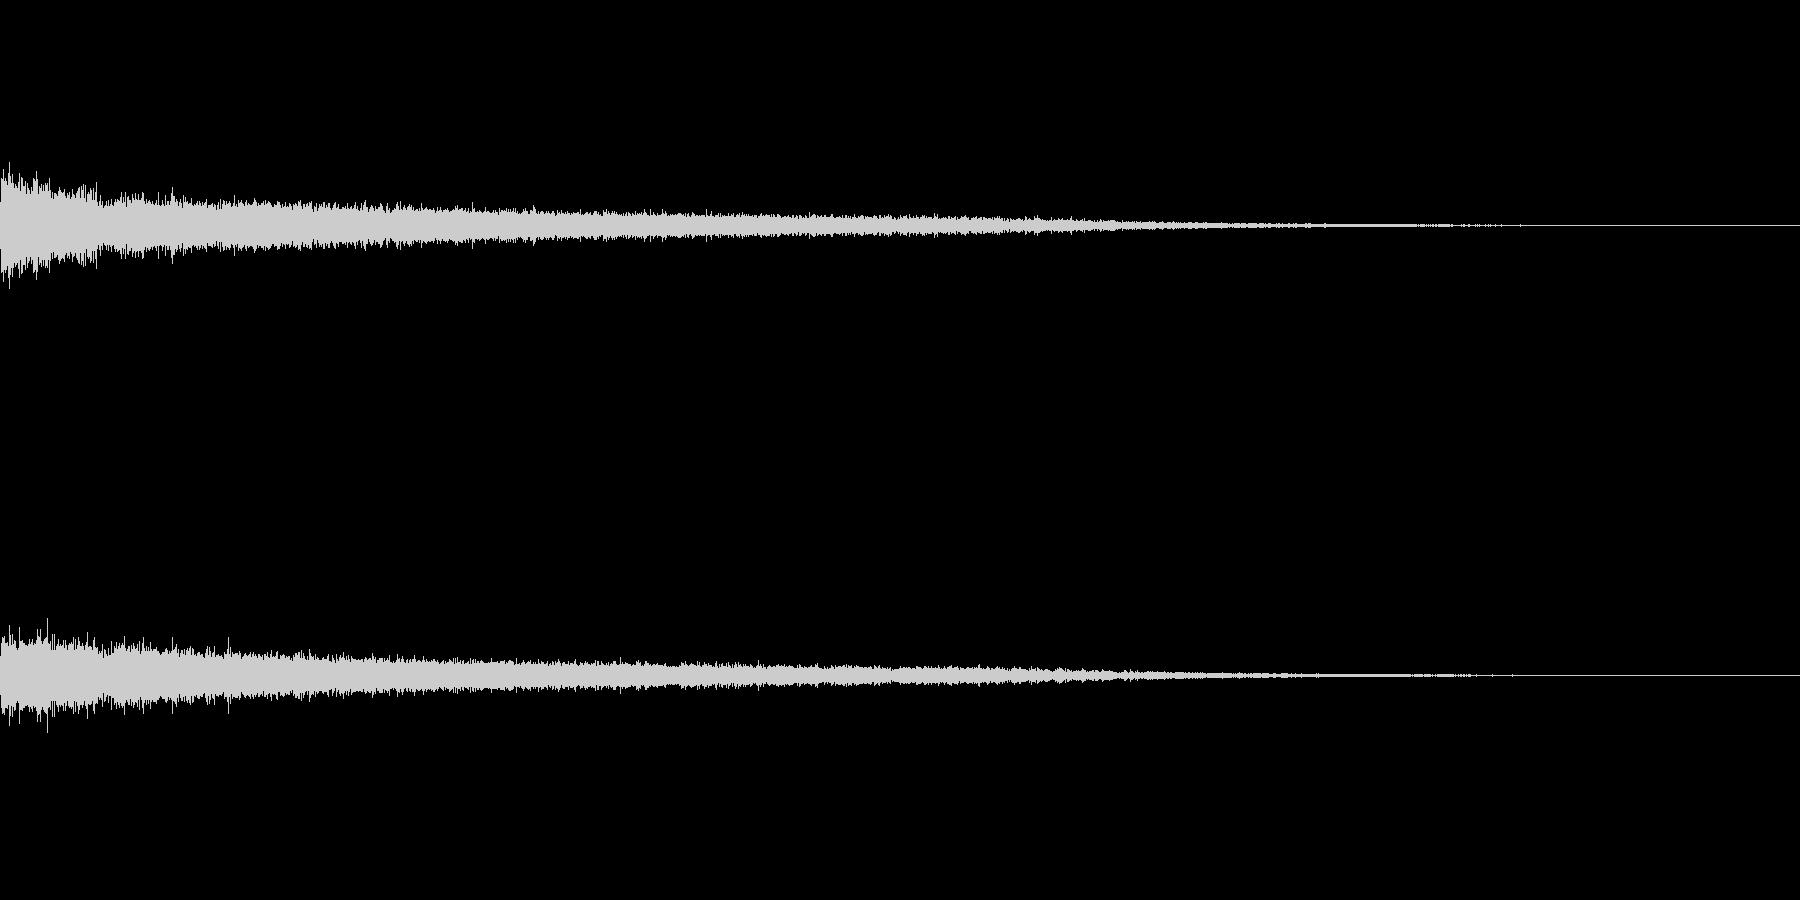 シュー(ワープ音)の未再生の波形